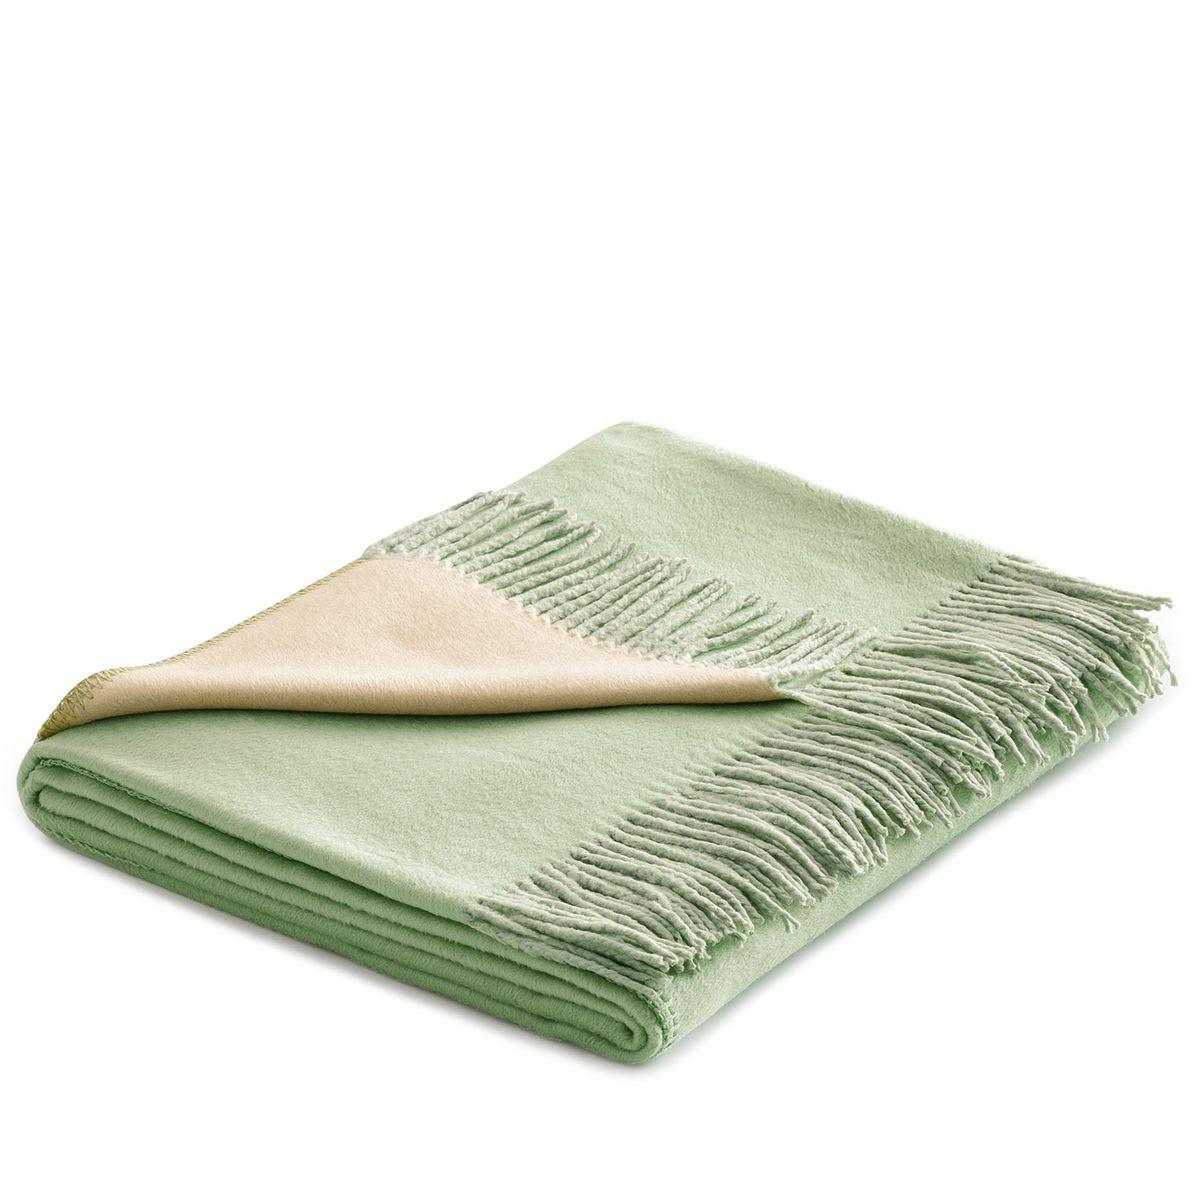 Togas Плед Хлопок-Шелк, 200 х 210 см20.03.10.0008Утонченный плед из шелка от Togas - это высшая роскошь и настоящее наслаждение. Нежное, скользящее прикосновение этой божественной ткани наполняет блаженством и легкостью… Необычный дизайн позволяет в мгновение ока трансформировать пространство Вашей спальни или гостиной: просто поверните плед стороной того цвета, который Вам сейчас по душе, - и наслаждайтесь непринужденной грацией элегантно драпирующихся складок, ниспадающих шелковистым каскадом… Несмотря на удивительную тонкость и невесомость, плед из шелка и хлопка очень практичен и прост в уходе, а значит - прослужит Вам долгие годы, став неотъемлемой частью Вашего уюта и комфорта.